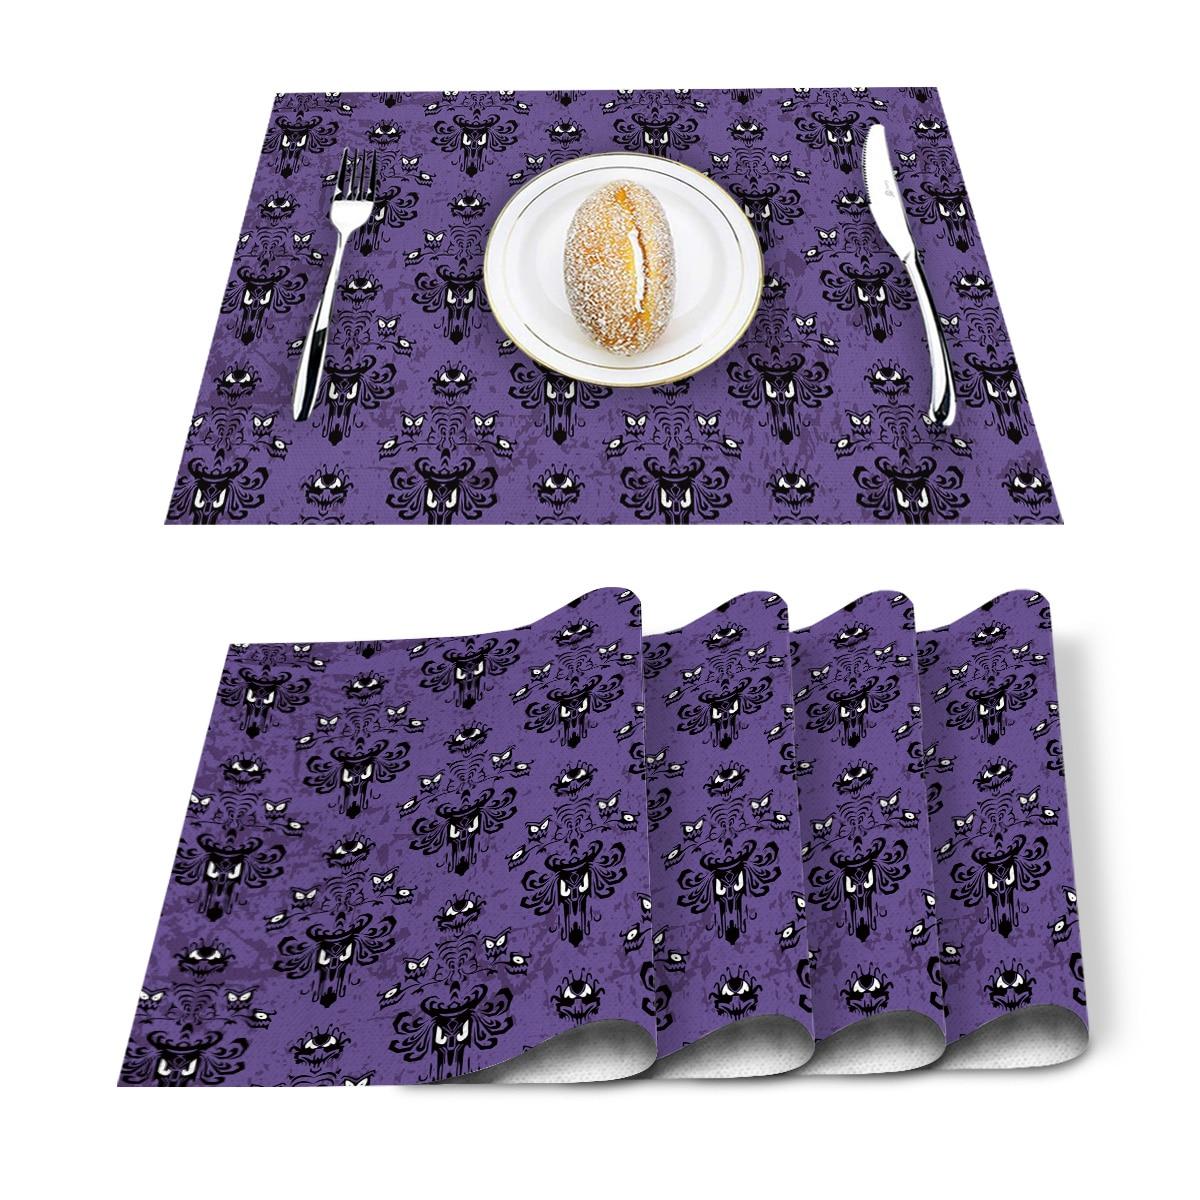 4/6 pçs conjunto de esteiras de mesa assombrado mansão impresso algodão linho guardanapo de mesa acessórios de cozinha festa em casa placemats decorativos